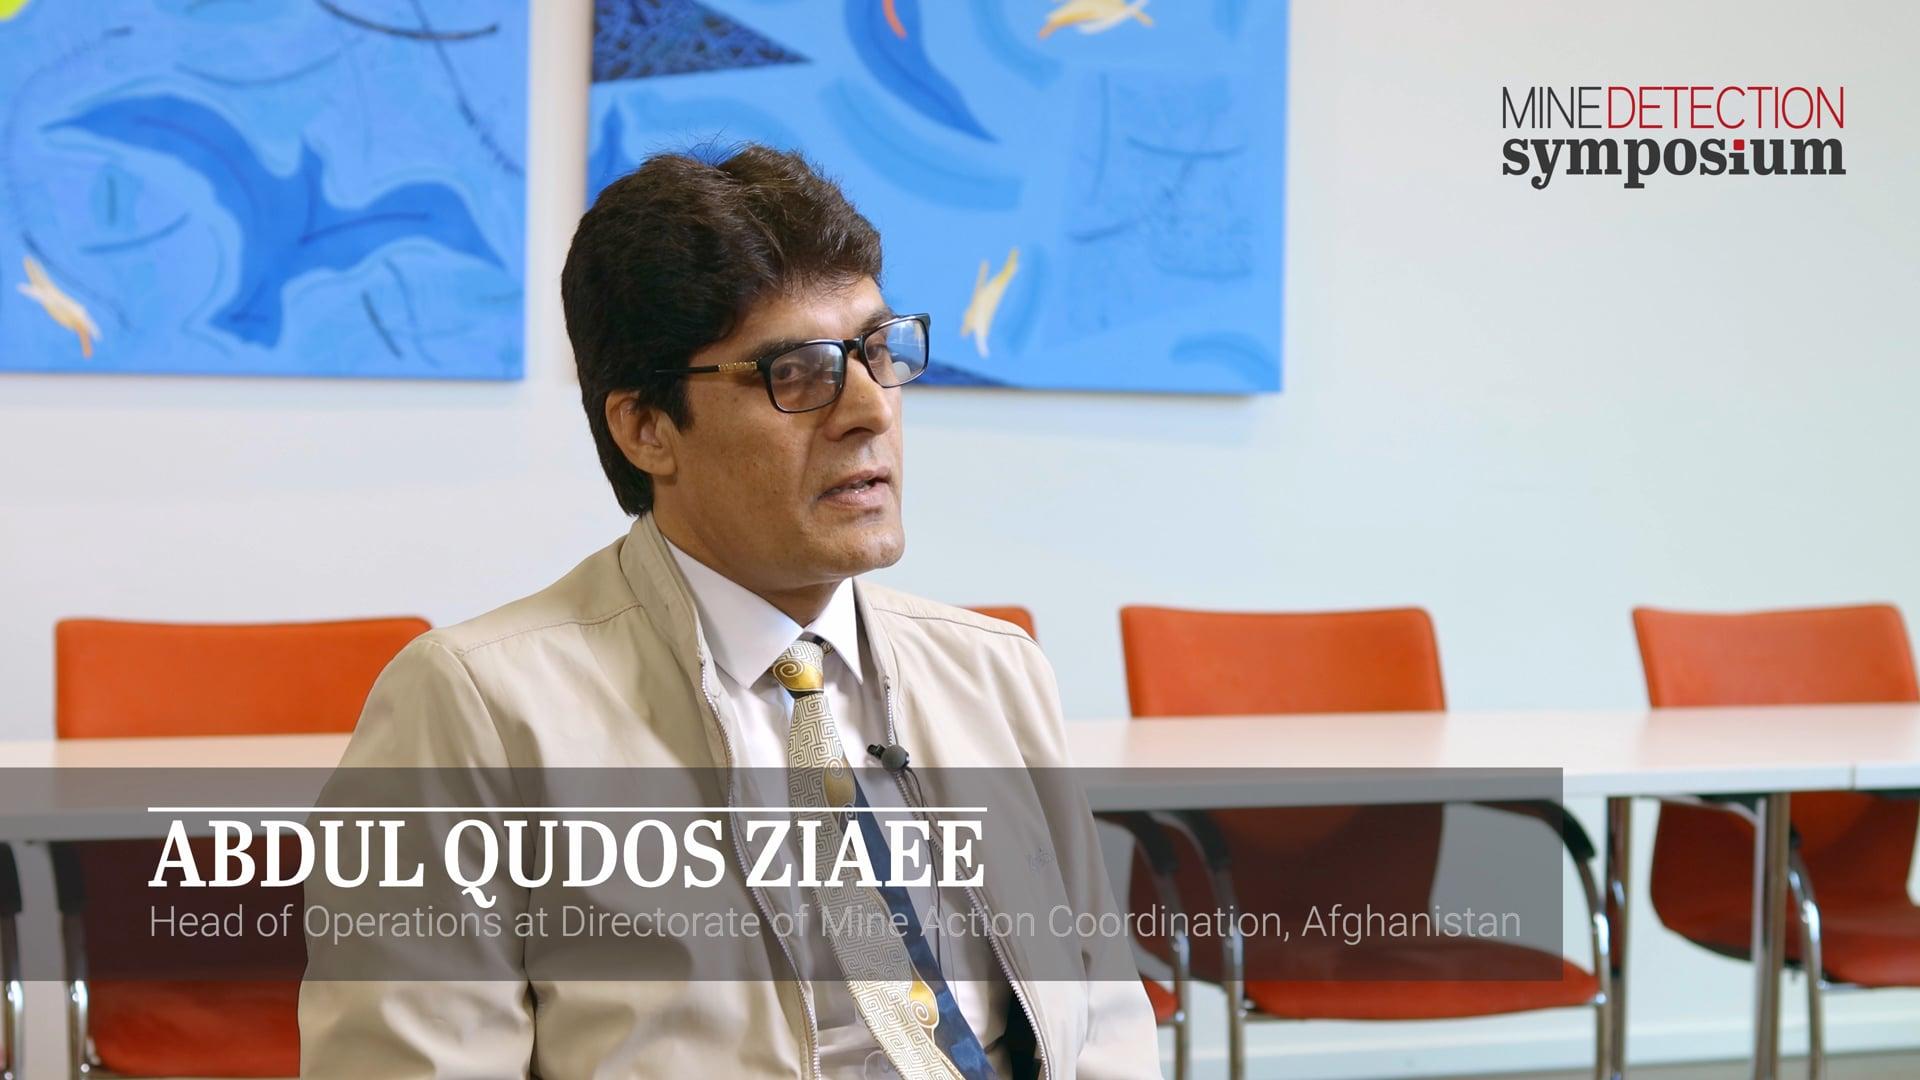 Abdul Qudos Ziaee - Symposium - Mine Detection Symposium 2019